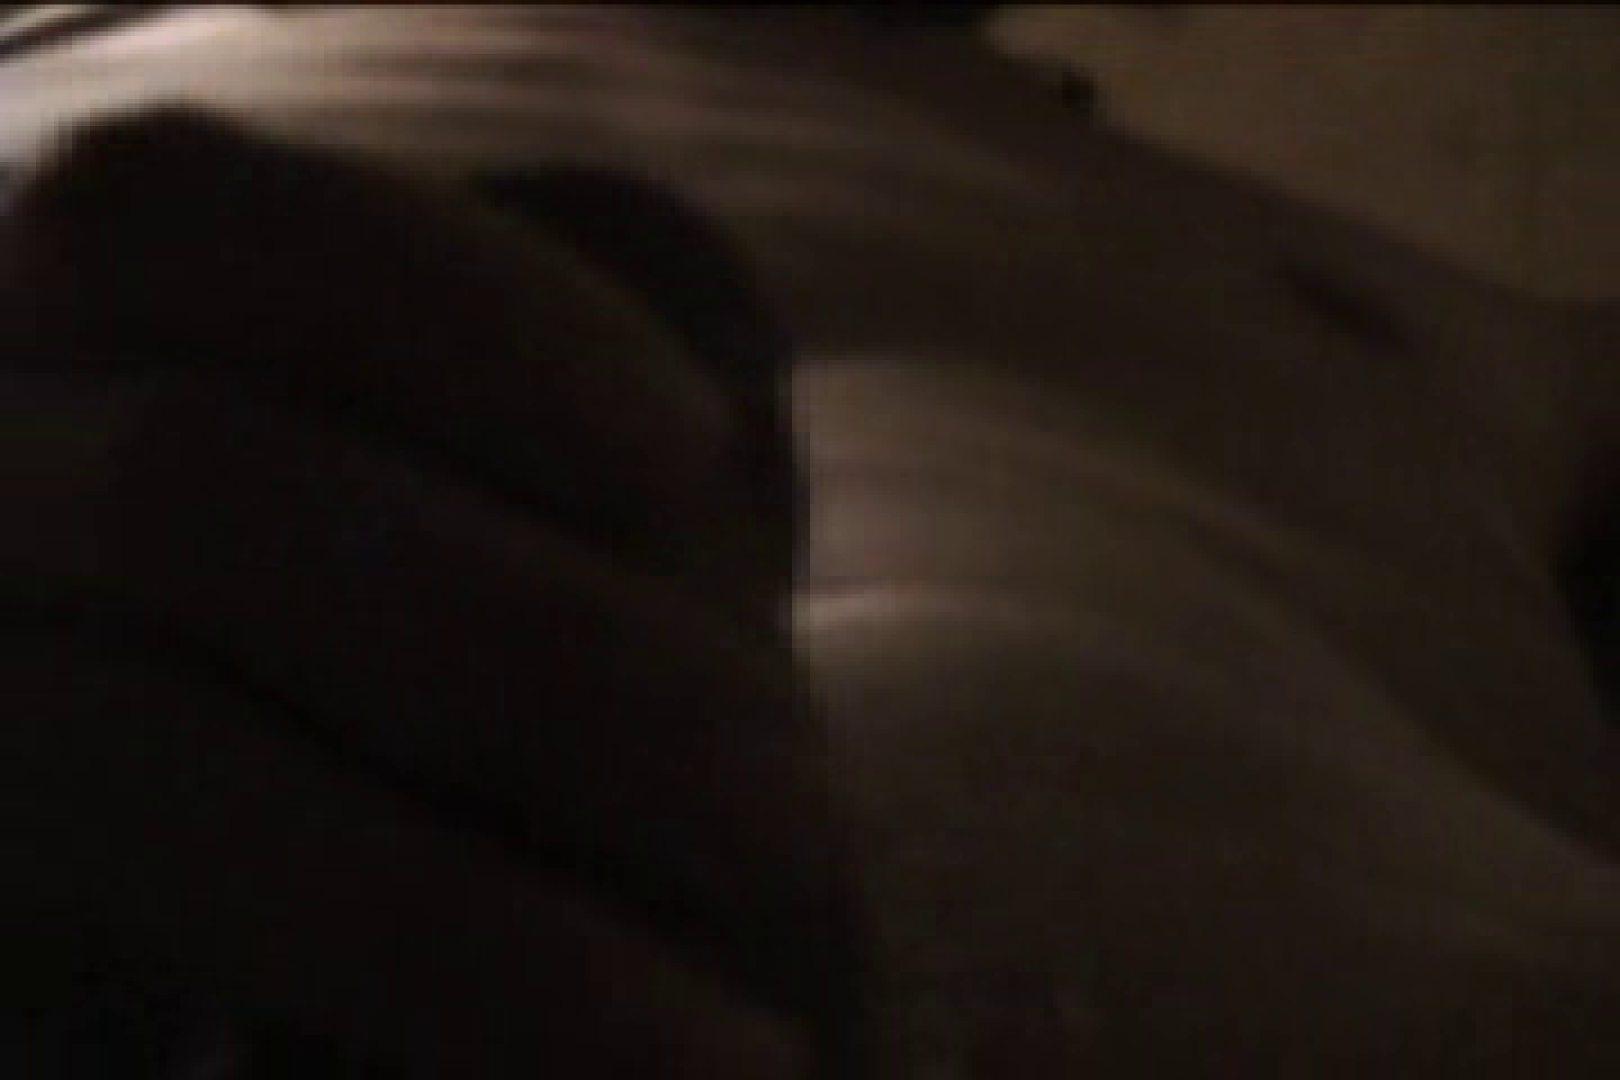 Scoop ! ! 発情した男の生堀り・ガン掘りSEX stage.4 ところてん ゲイ素人エロ画像 113枚 51